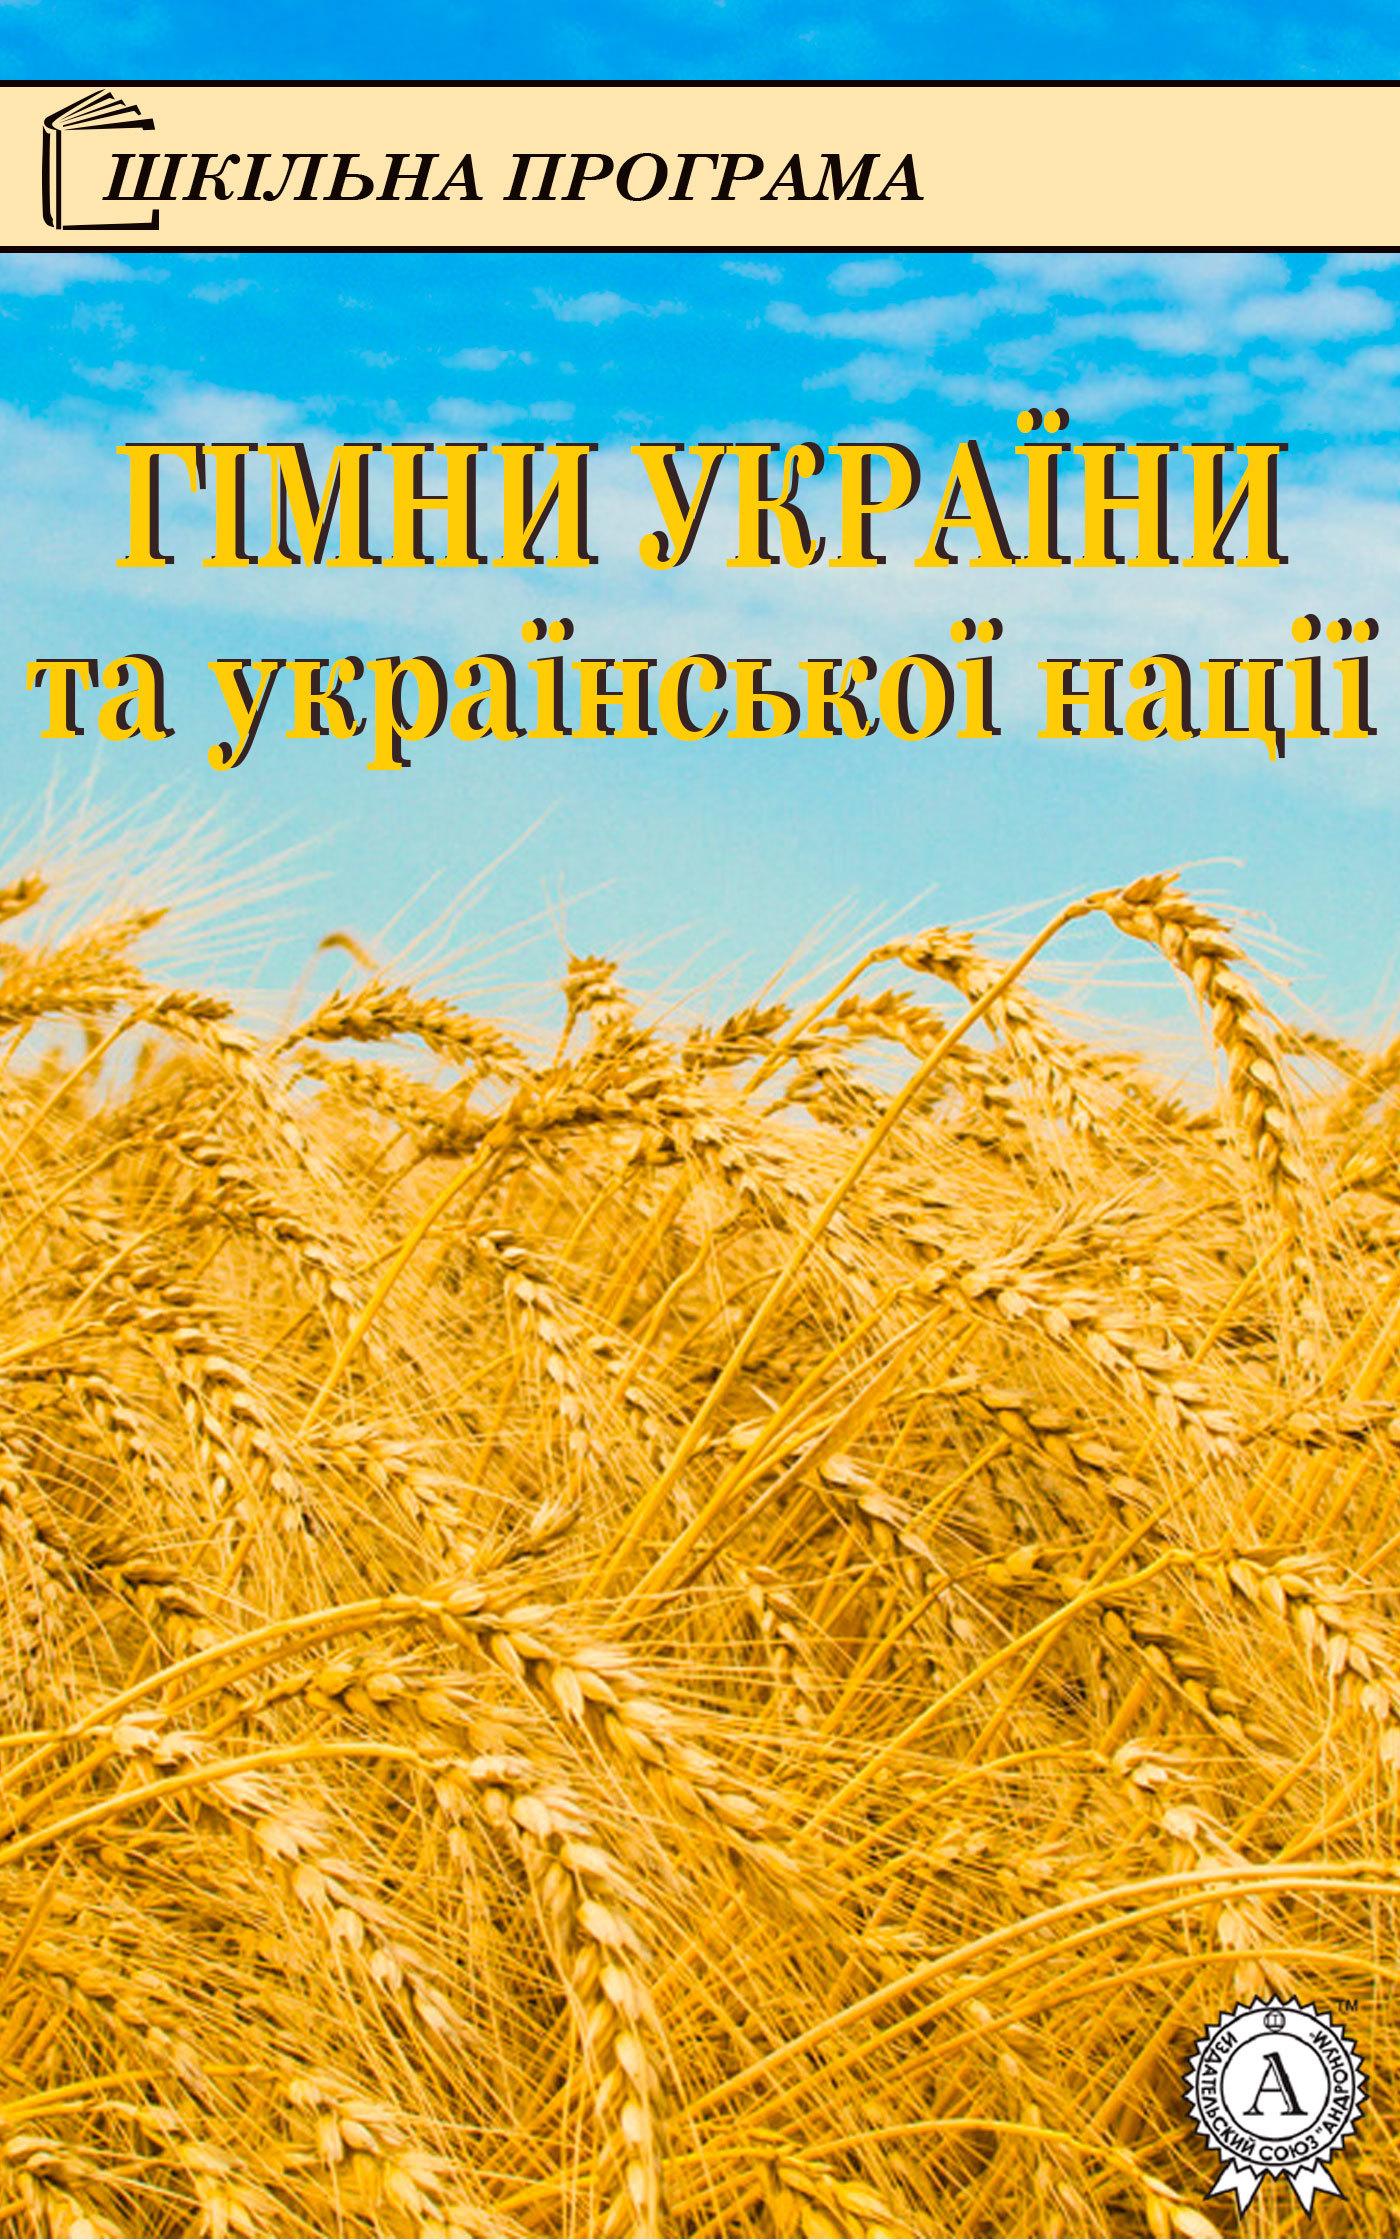 Олександр Кониський бесплатно